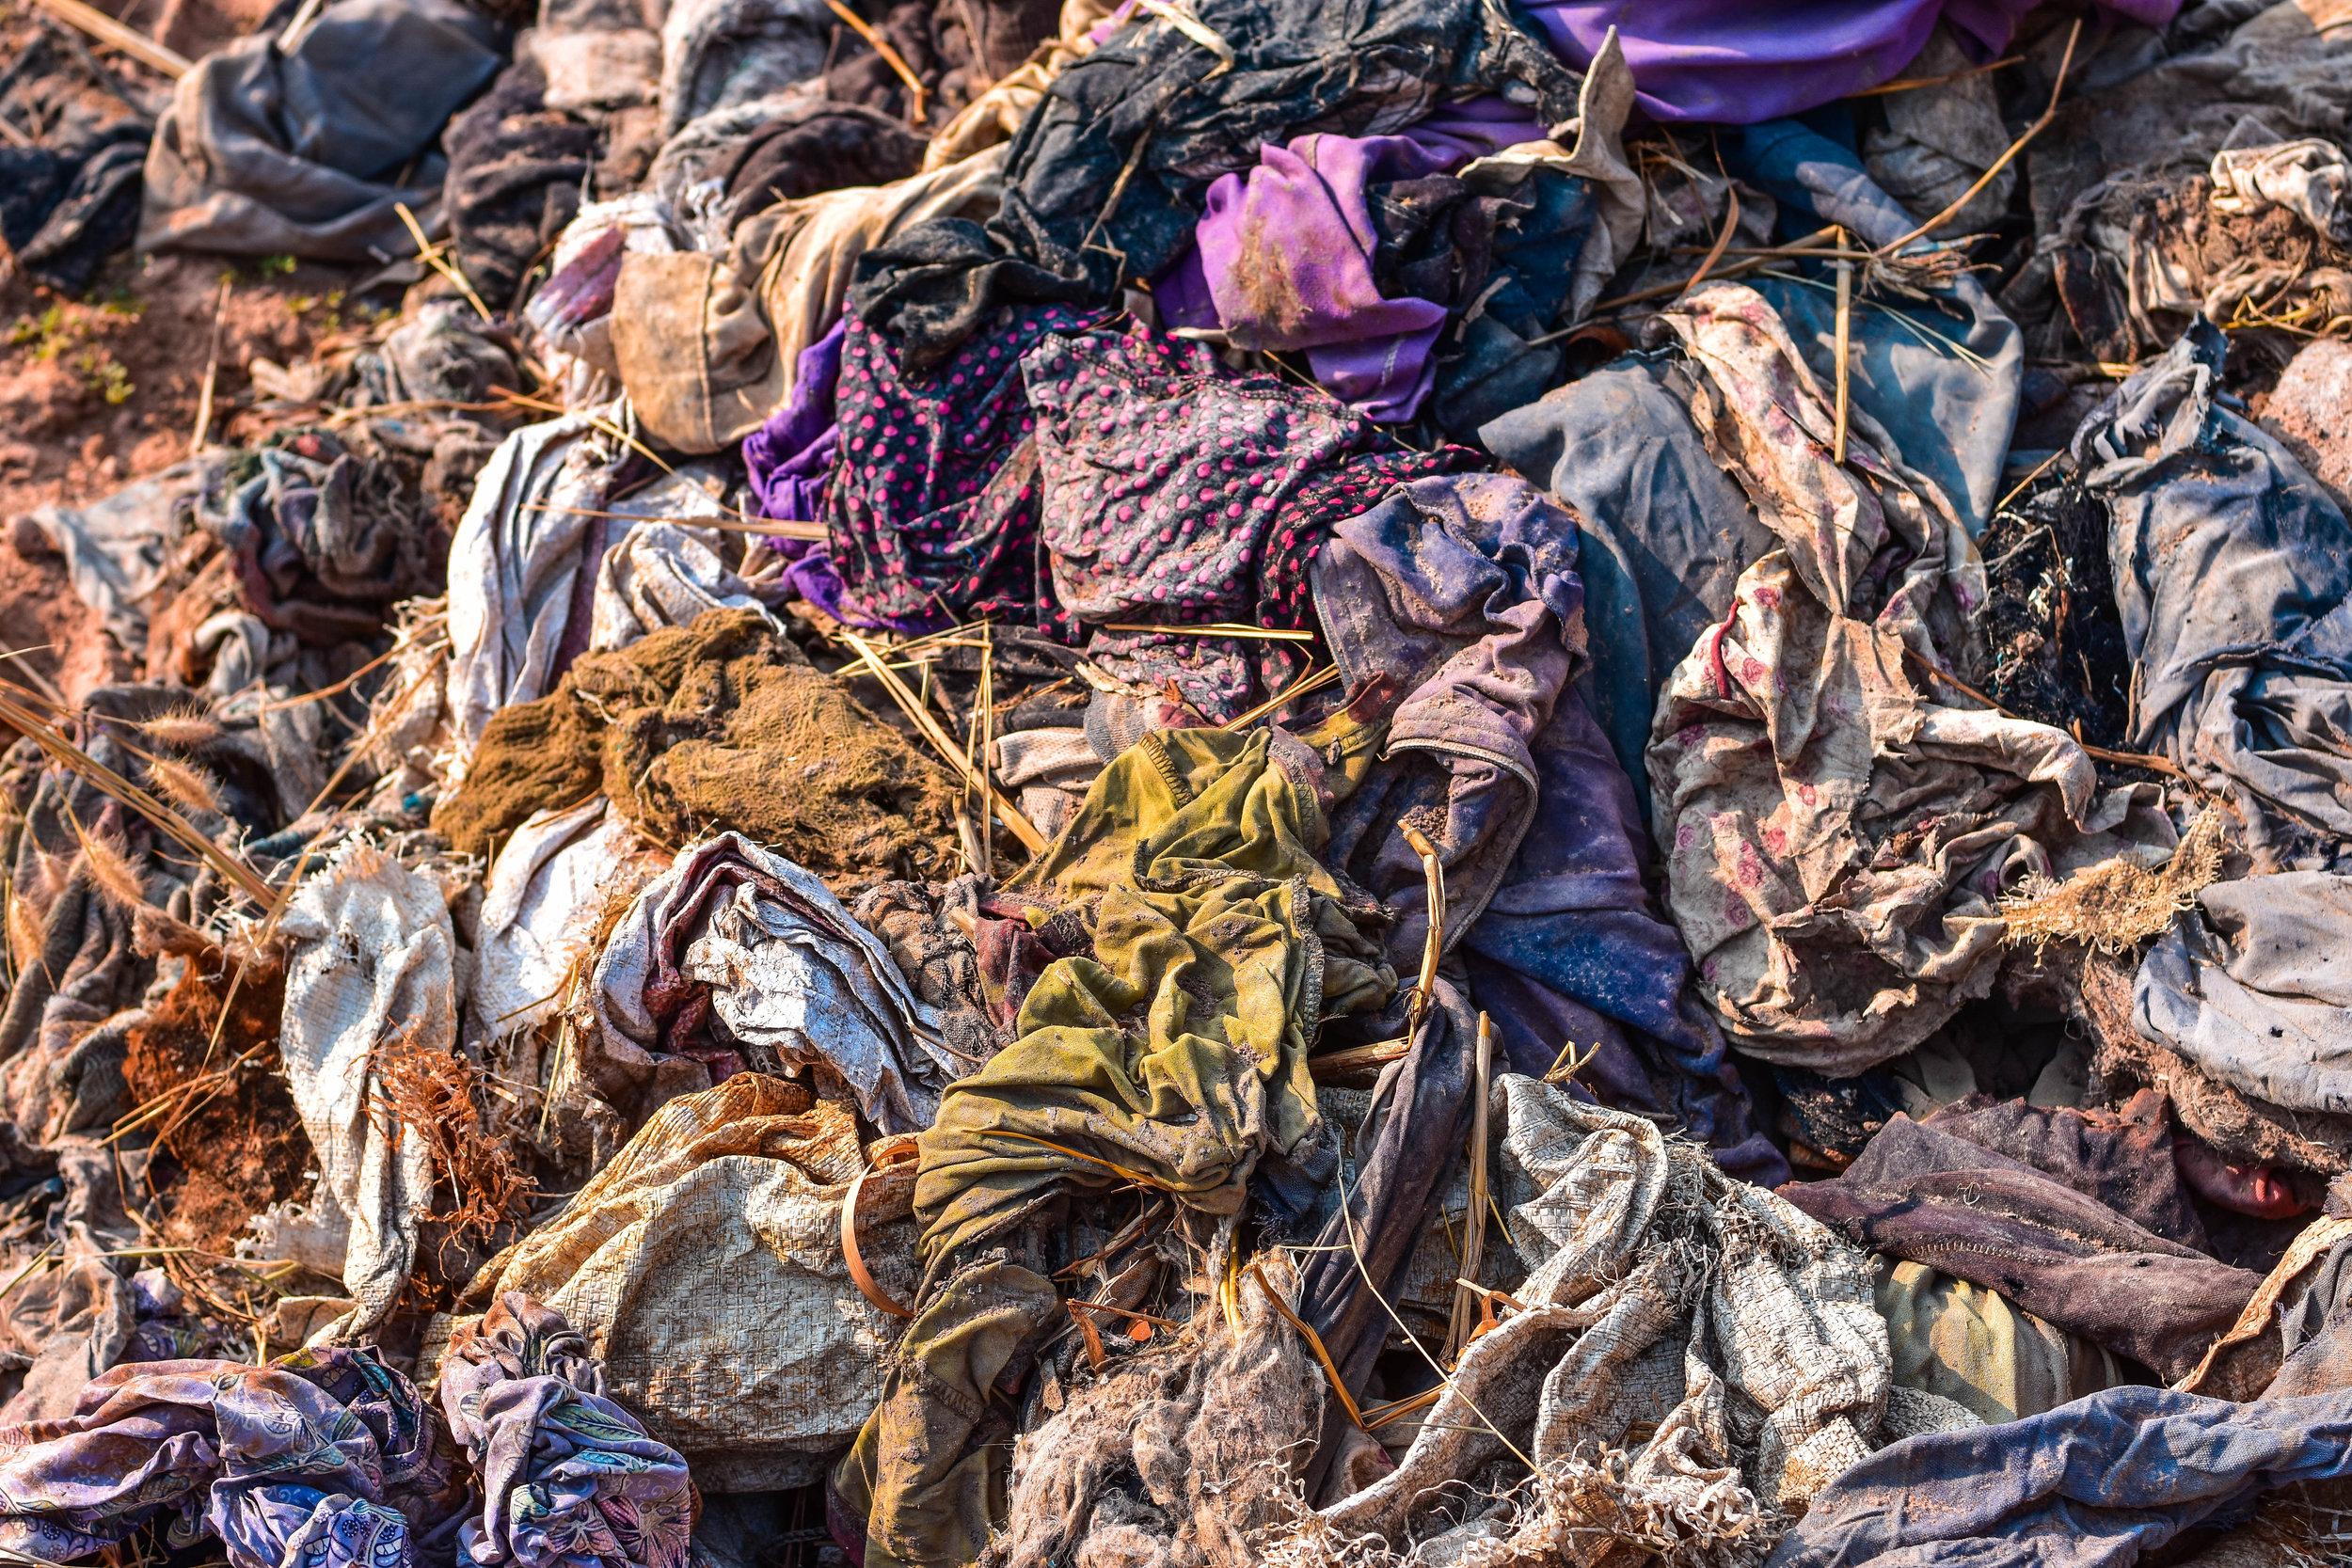 CSC Clothing Recycling Bins